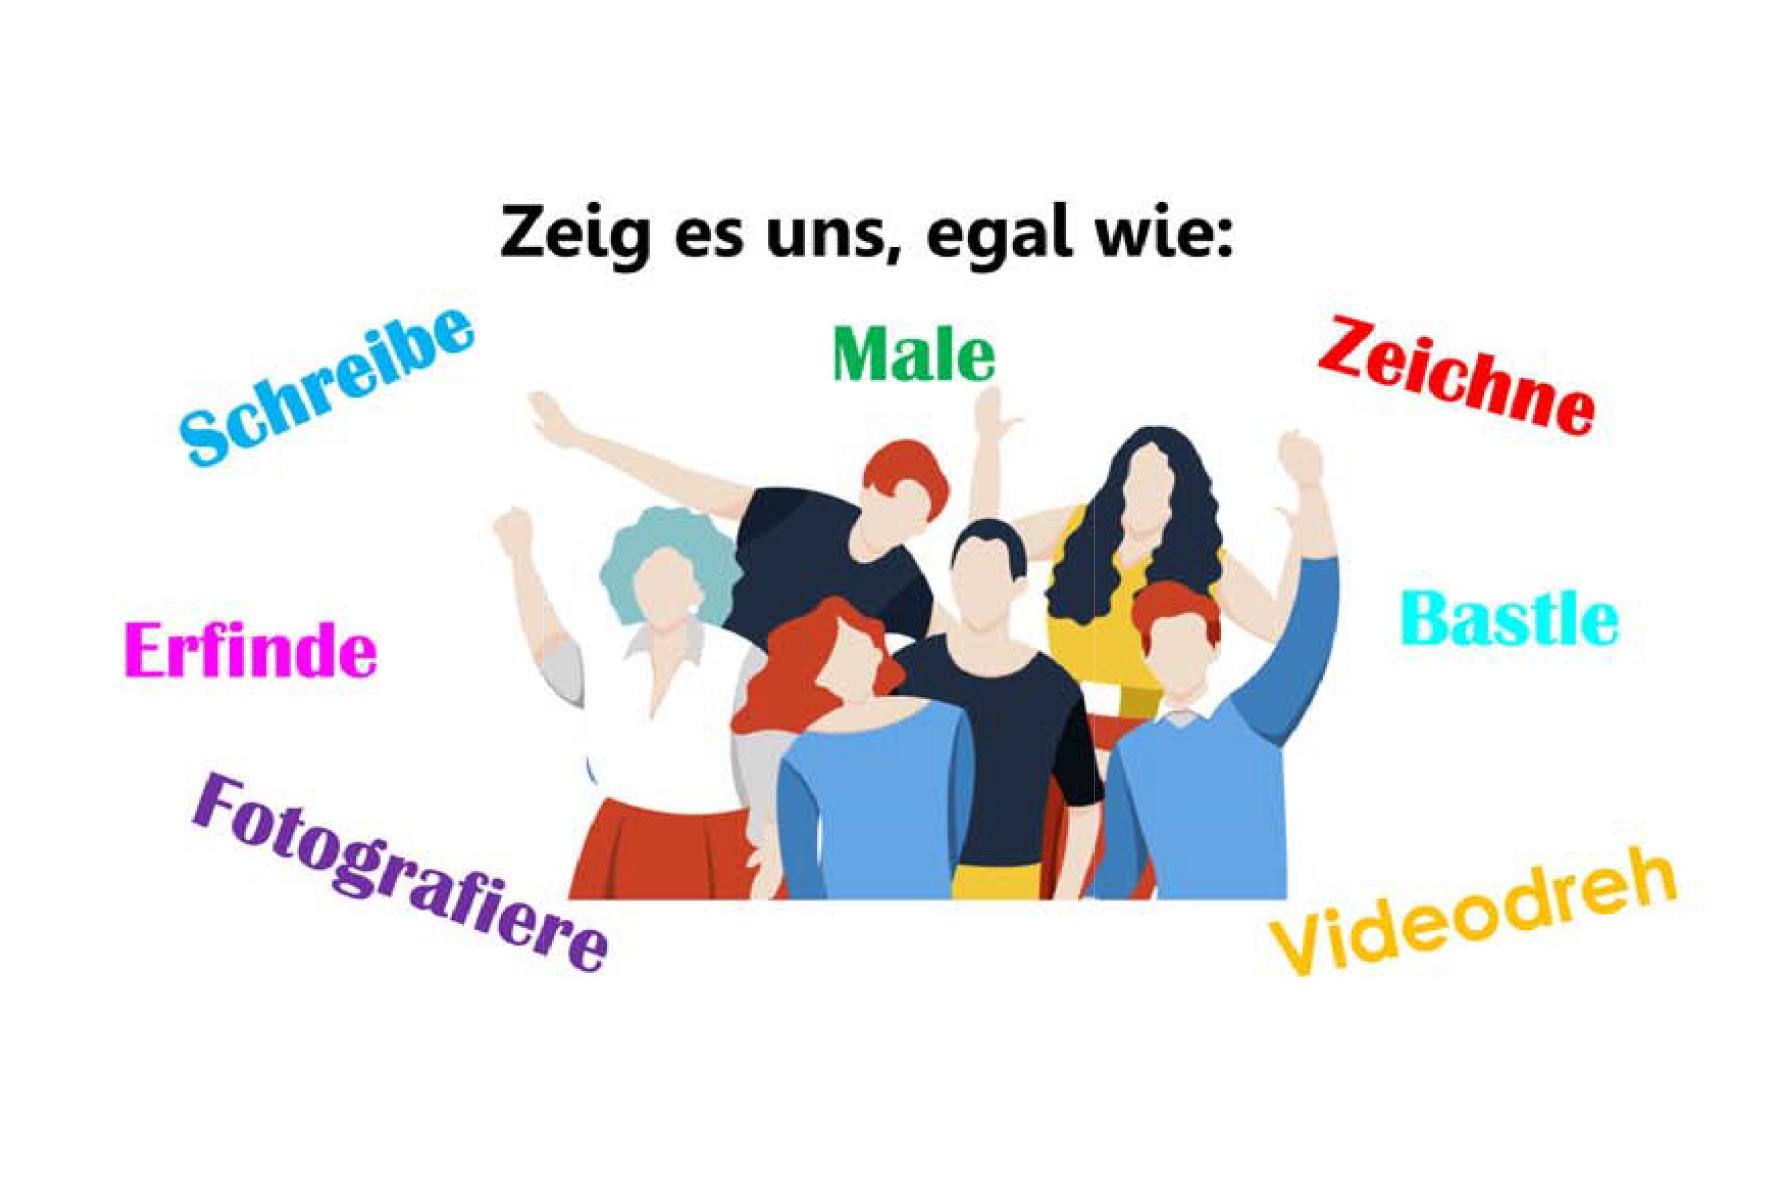 kino eschweiler programm heute